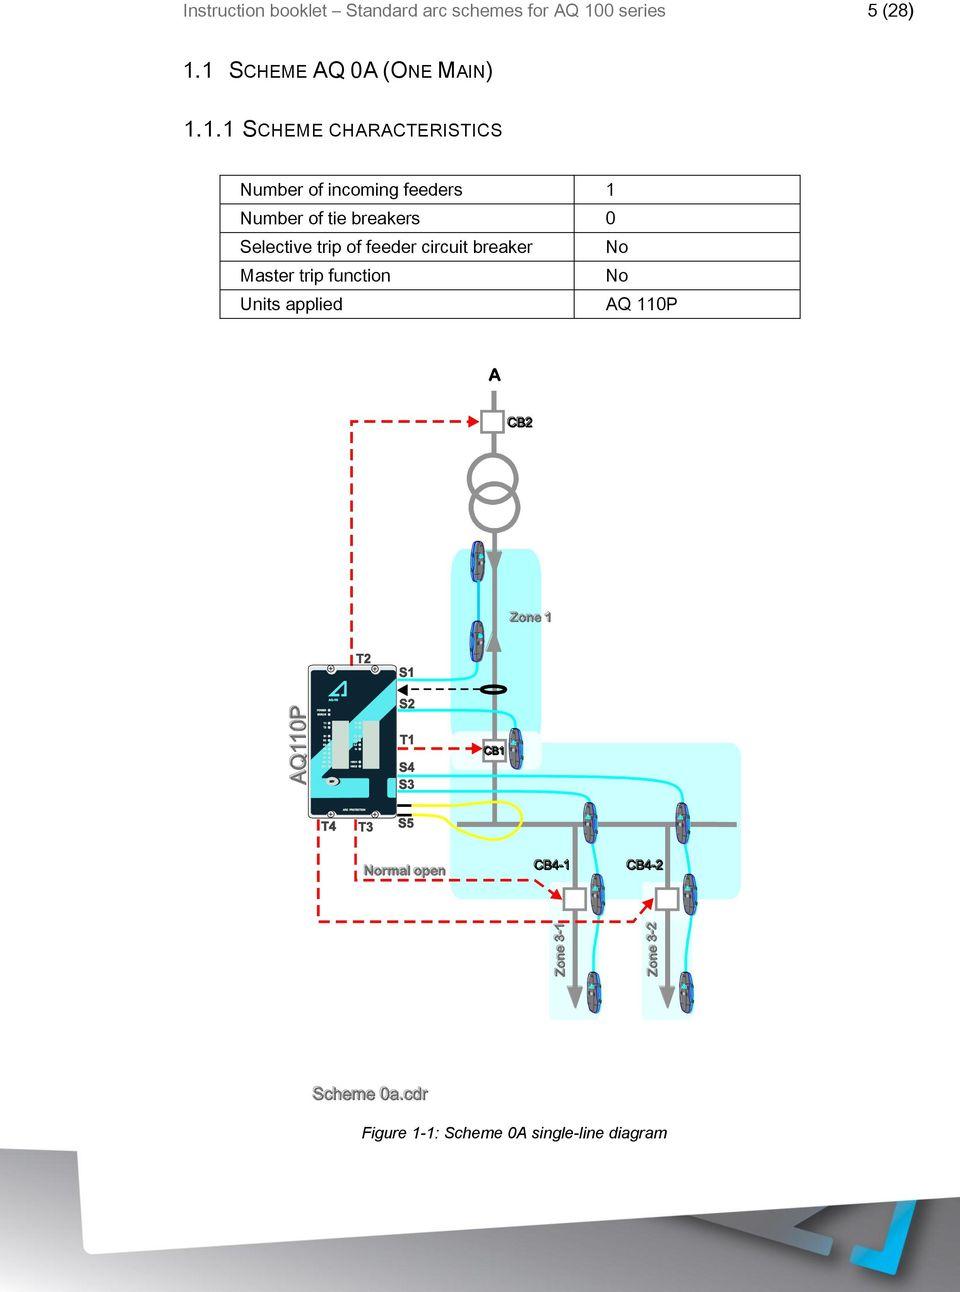 medium resolution of feeders 1 number of tie breakers 0 selective trip of feeder circuit breaker